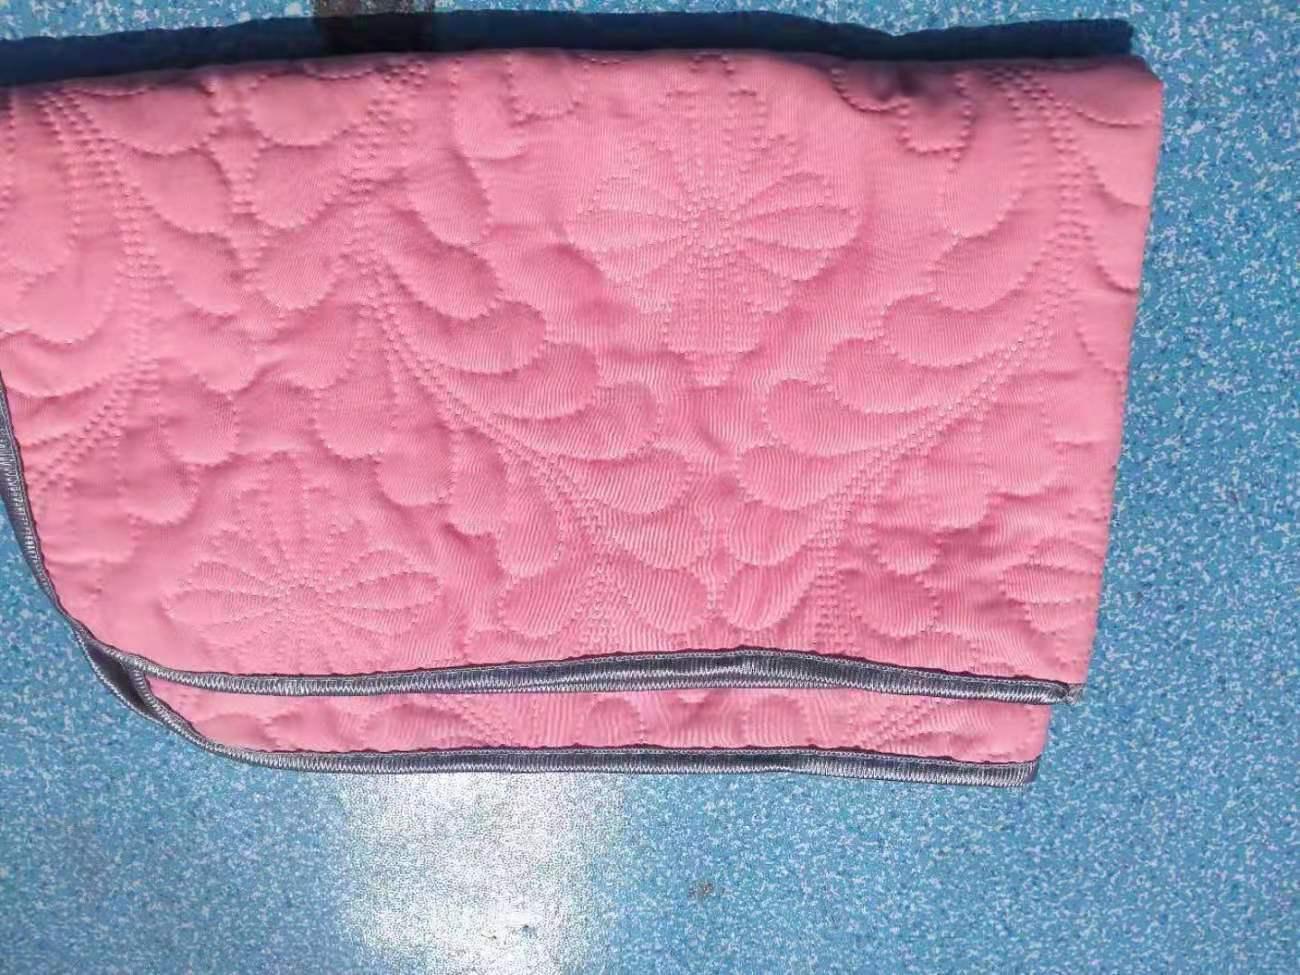 成人夹棉防螨枕套一对装防水枕巾单人枕头套